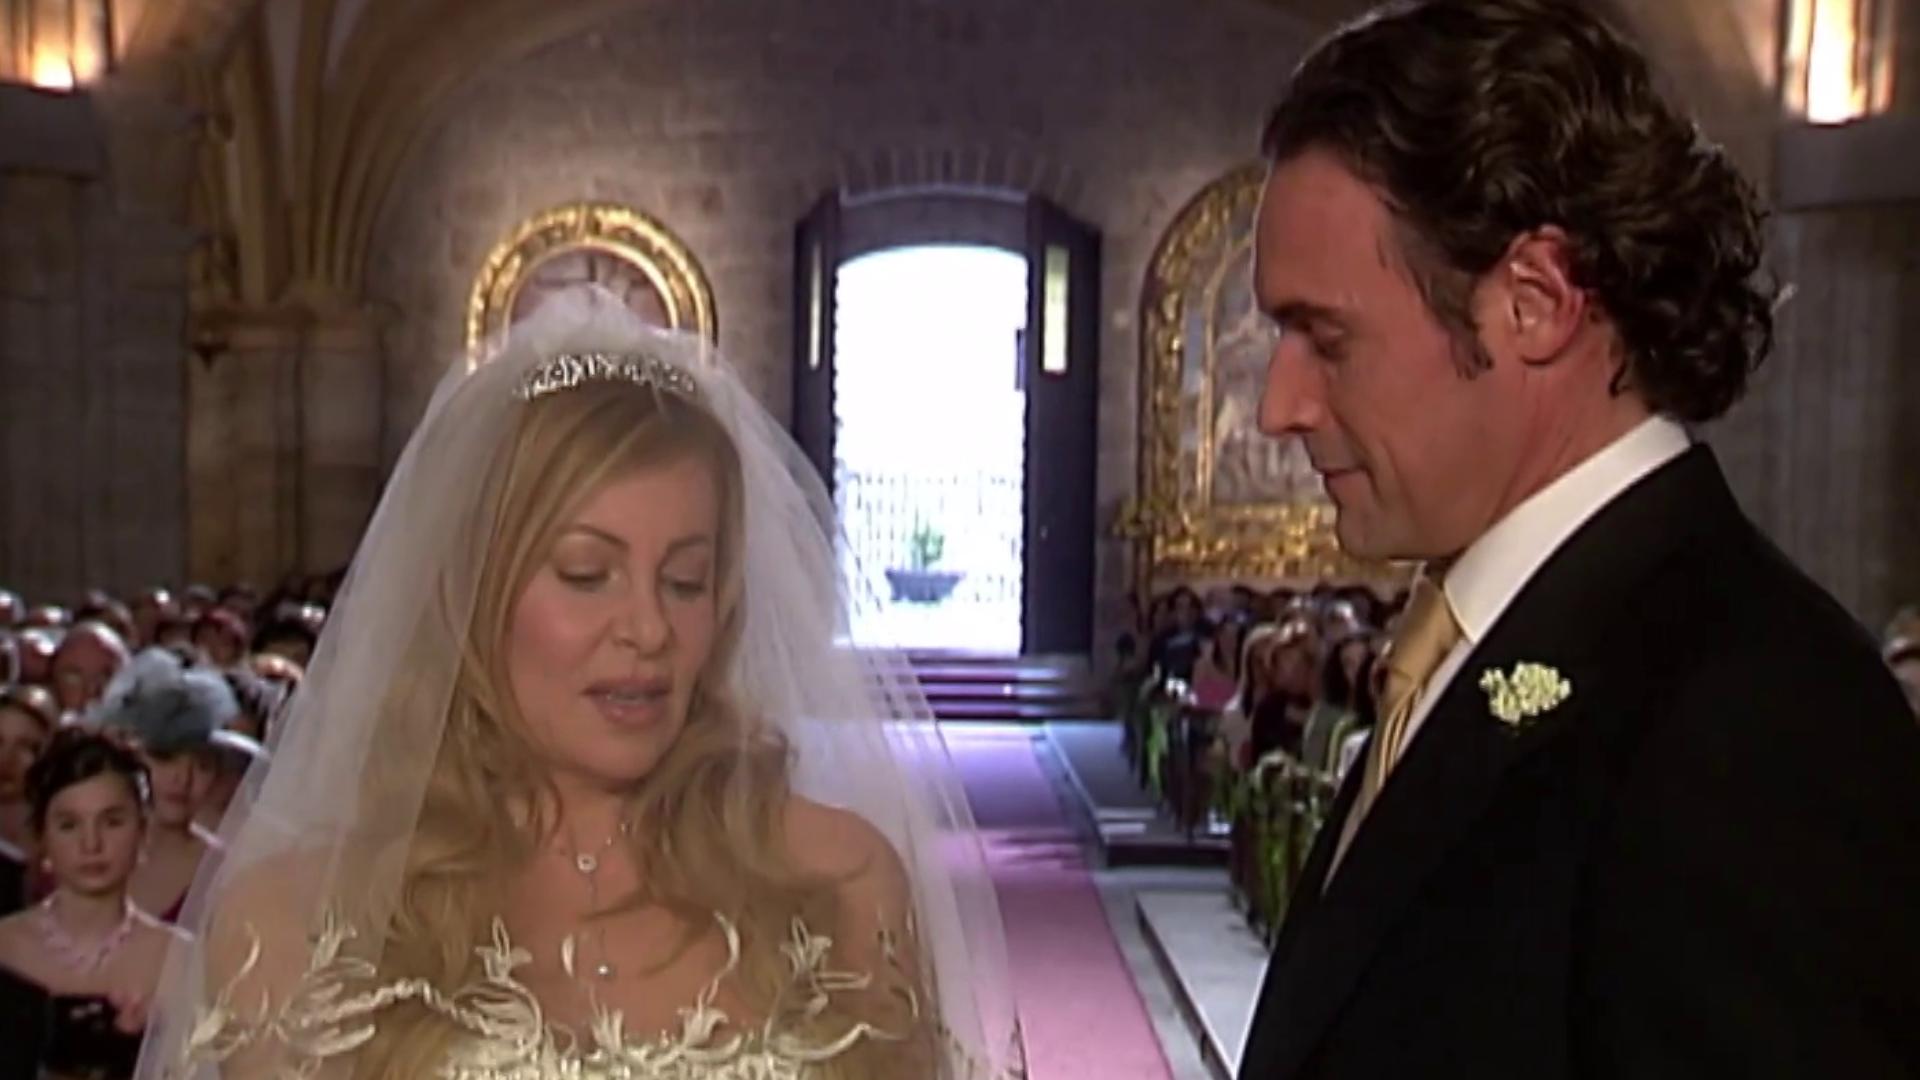 Siete Y Boda 62 Episodio Ana De Los La j453ARL